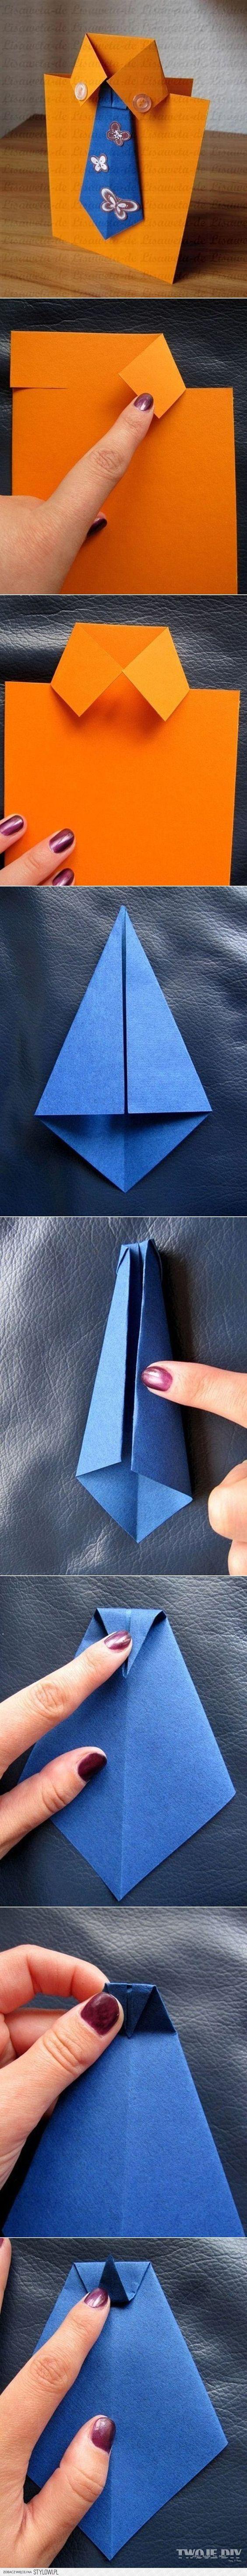 diy postal dia dos pais camisa com gravata